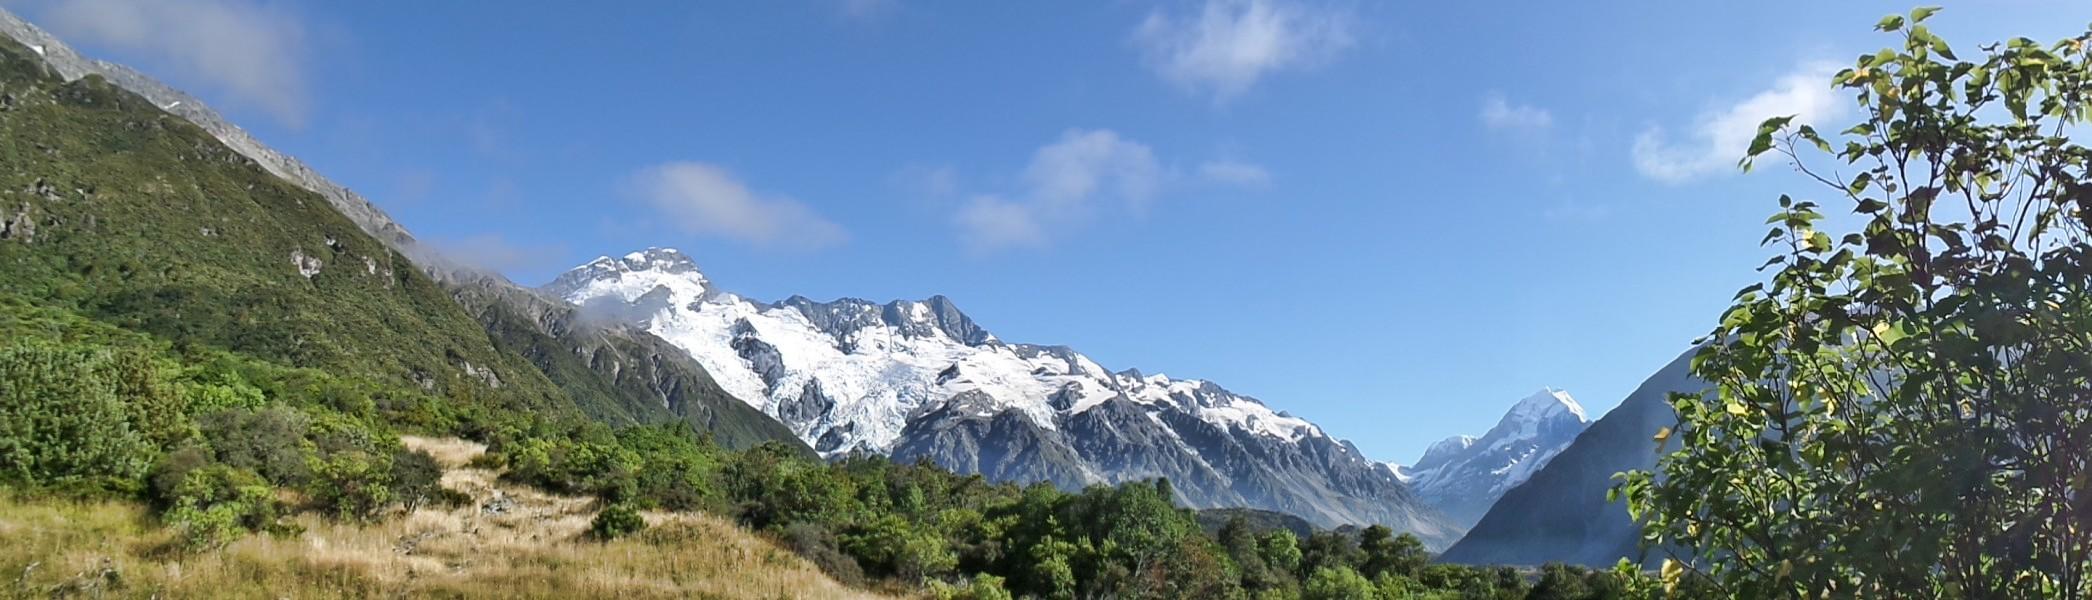 Mueller Glacier mit Mt. Cook